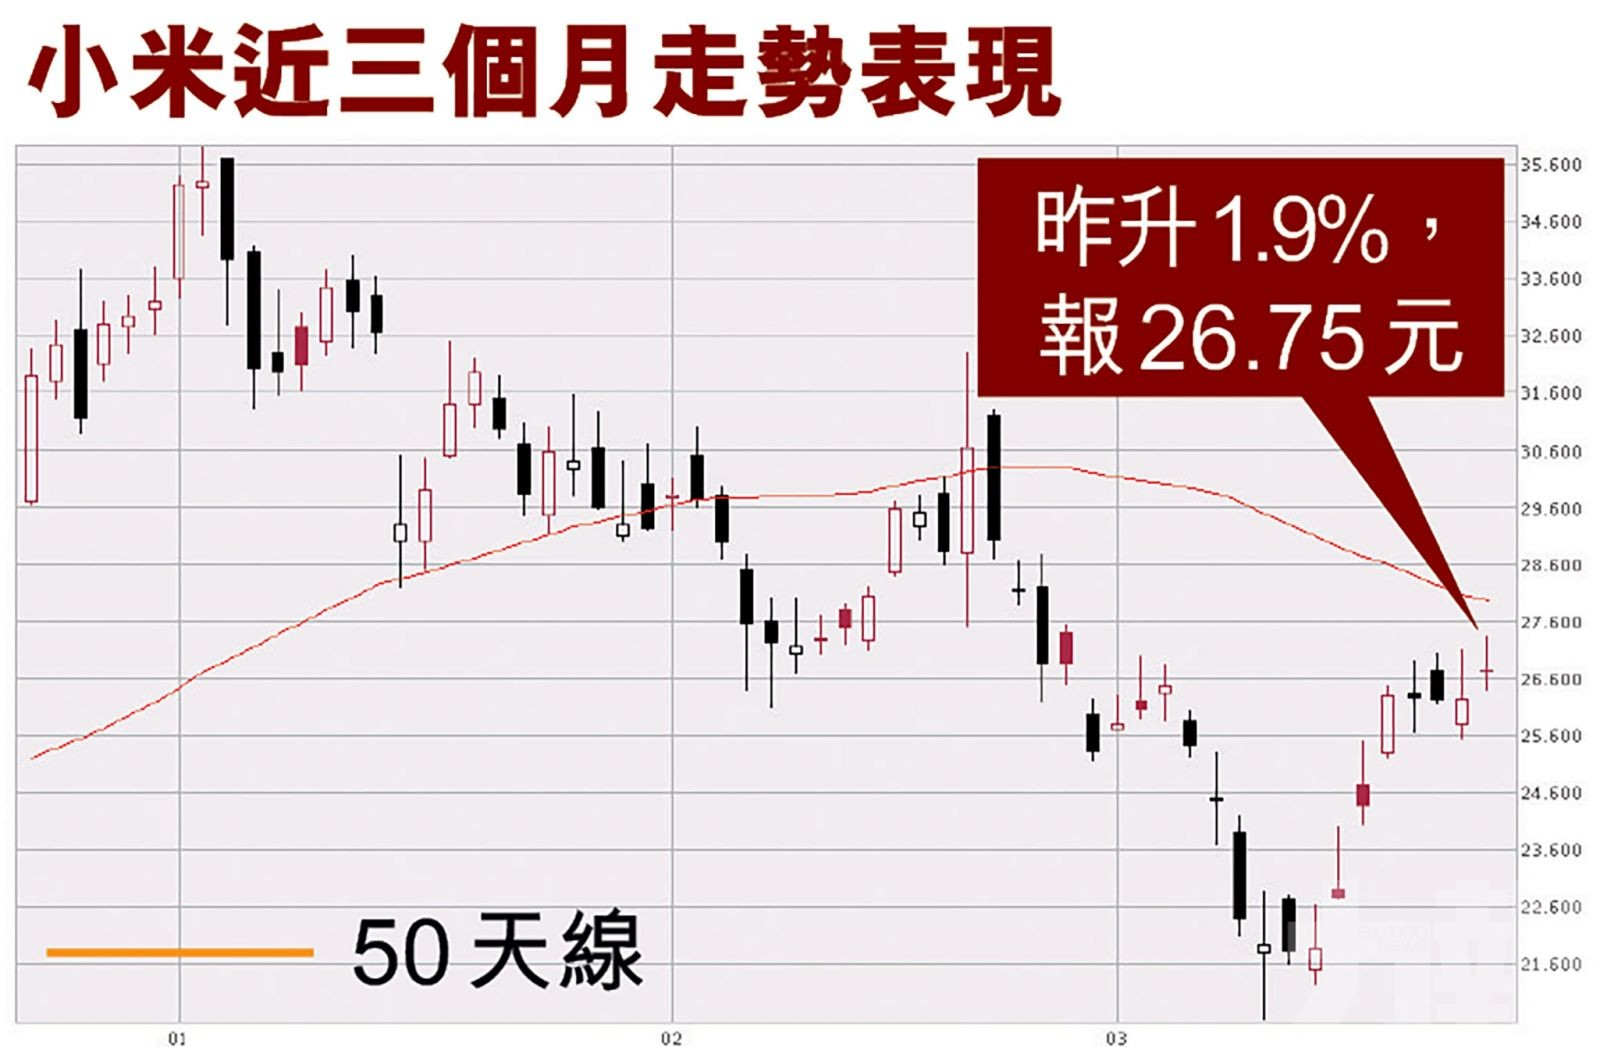 小米股價昨最高升逾3%